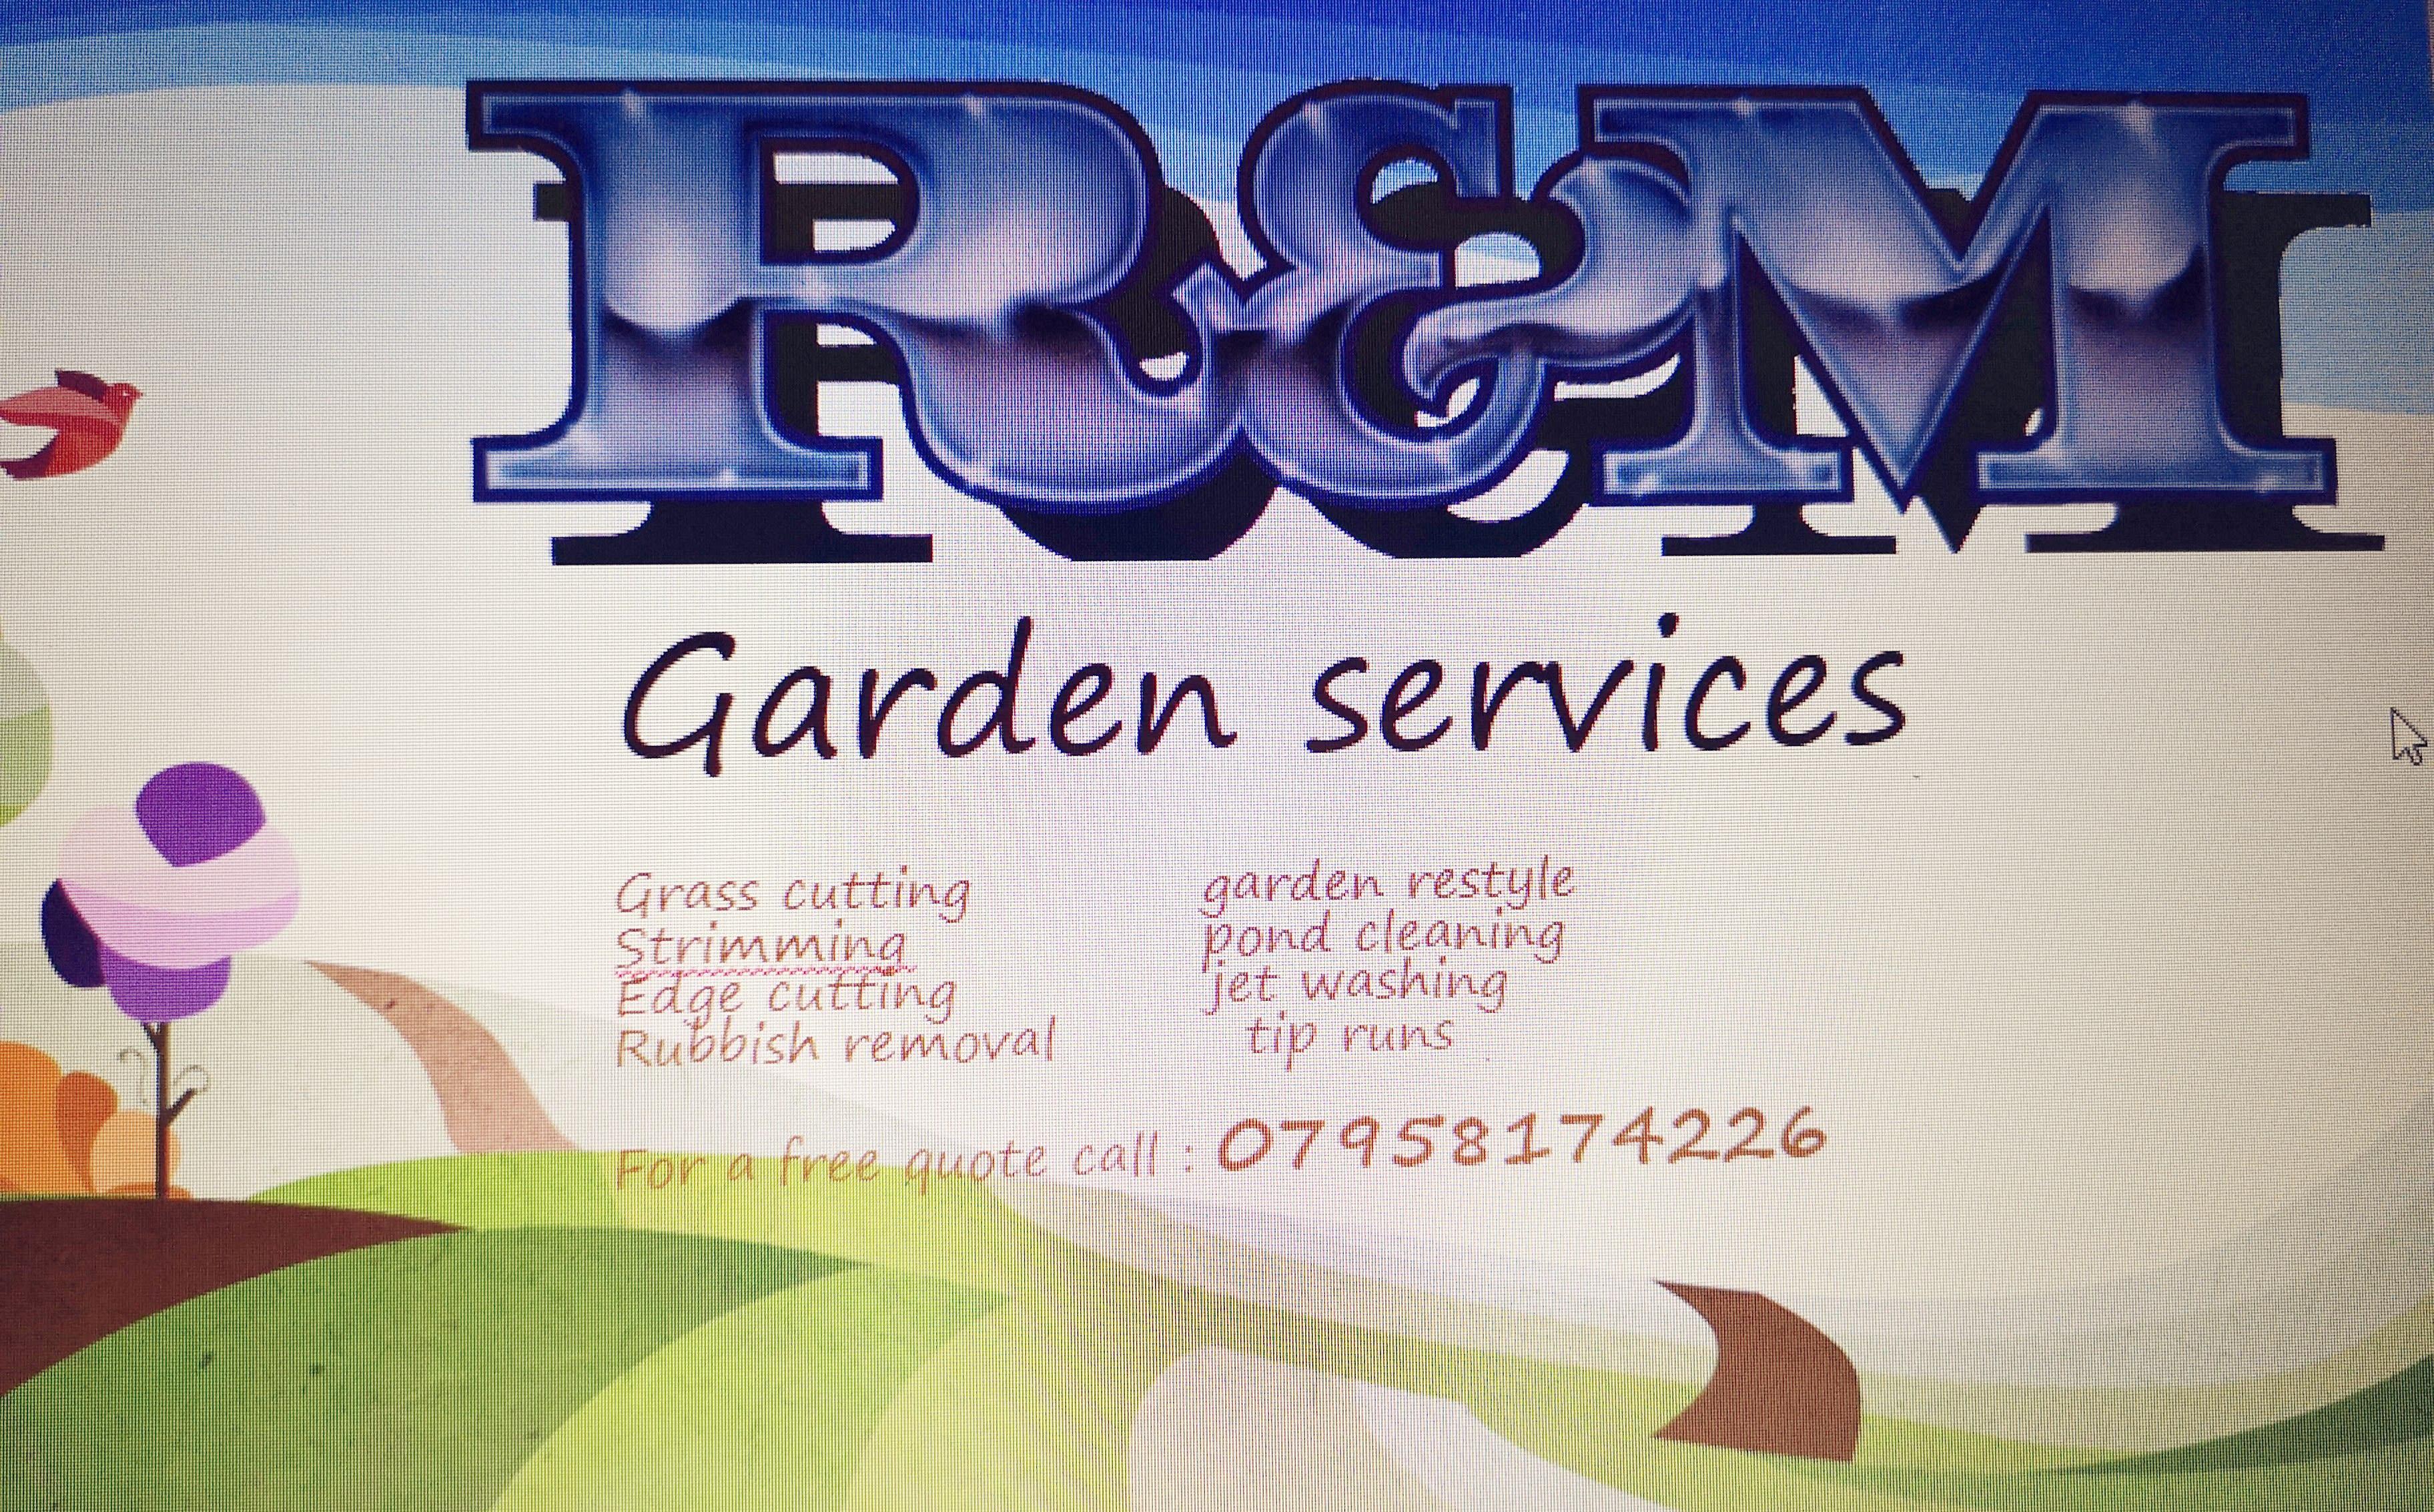 R&M Garden Services